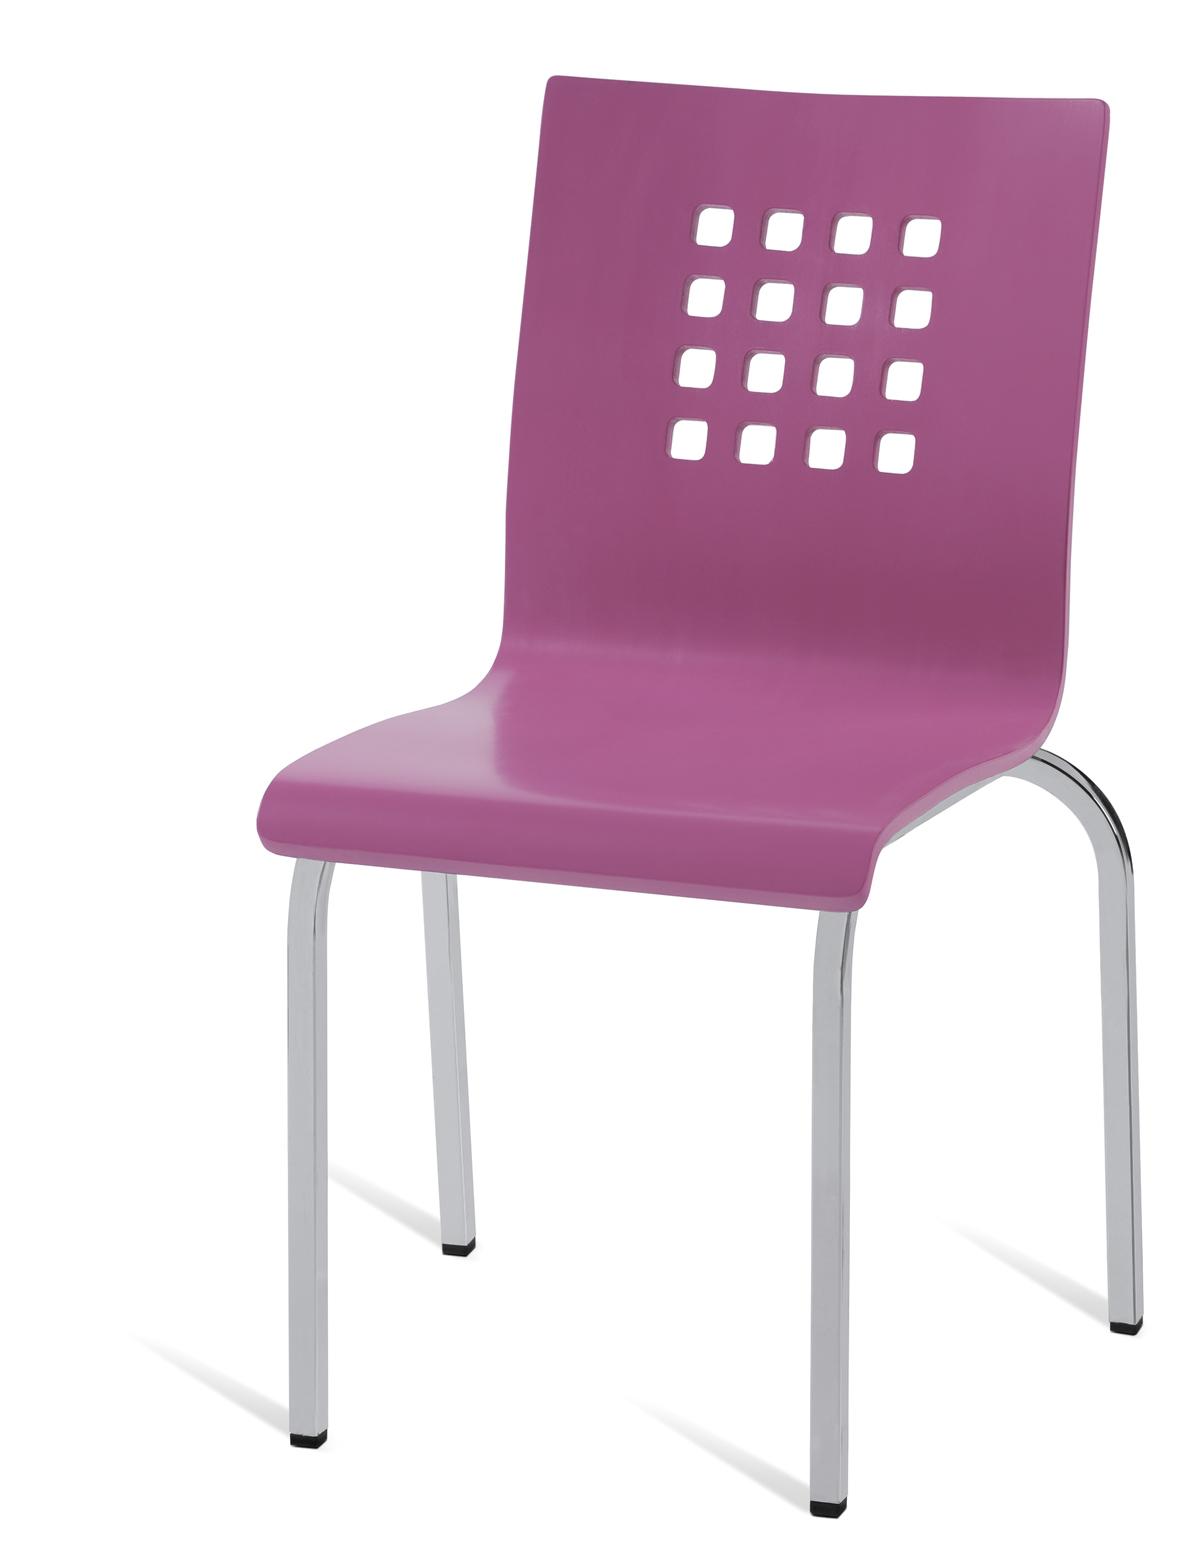 Cadeira 7009-10-11-12-13-15-16-17-24